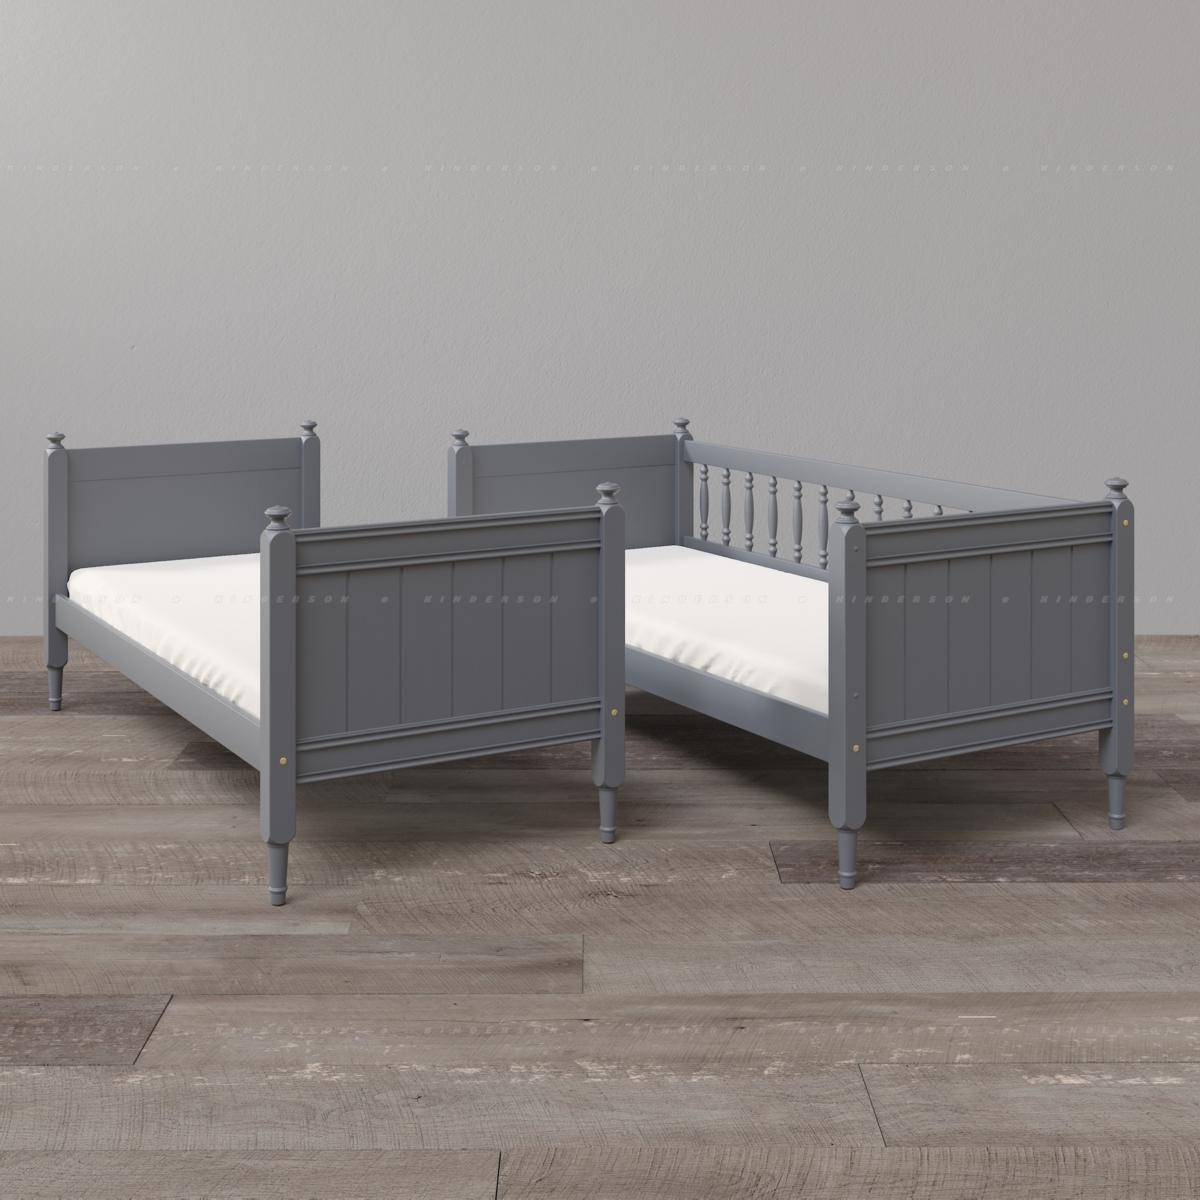 Двухъярусная кровать может использоваться в разделенном варианте.